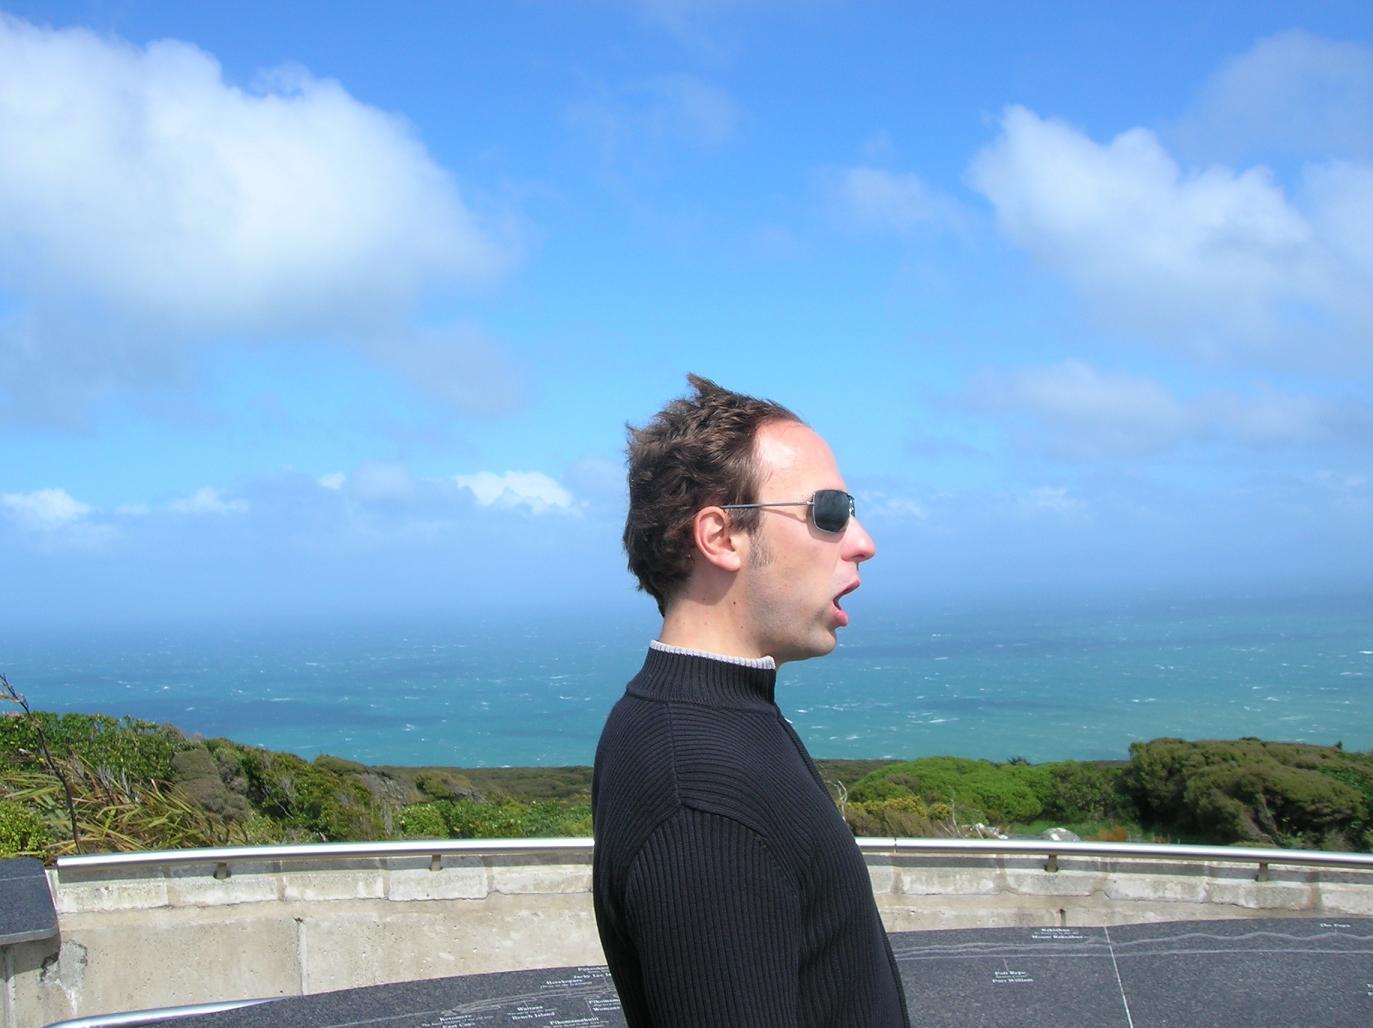 Frisur: Wind von rechts